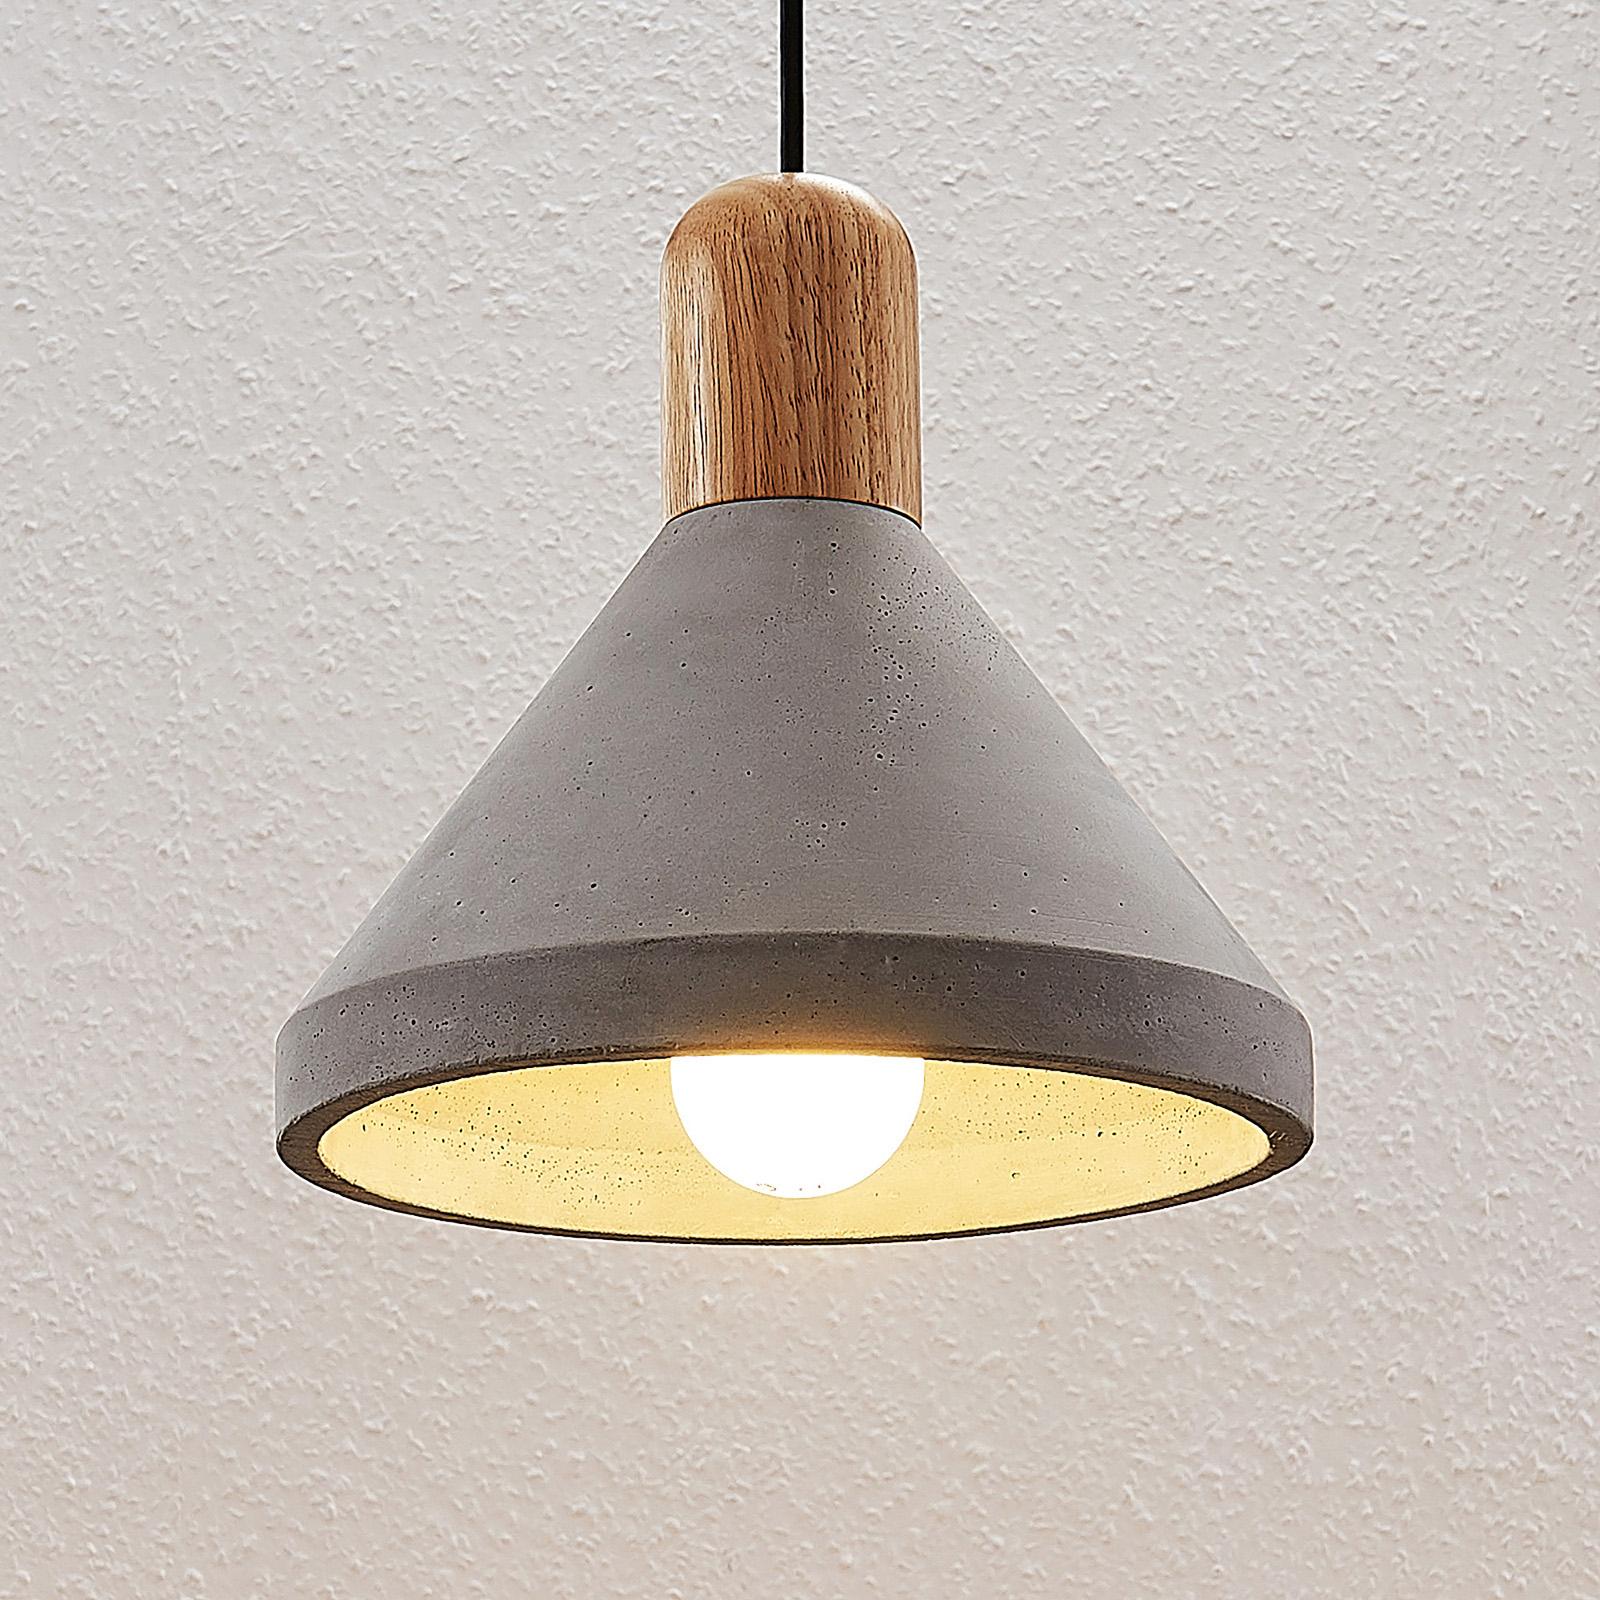 Betonnen hanglamp Caisy met hout, rond